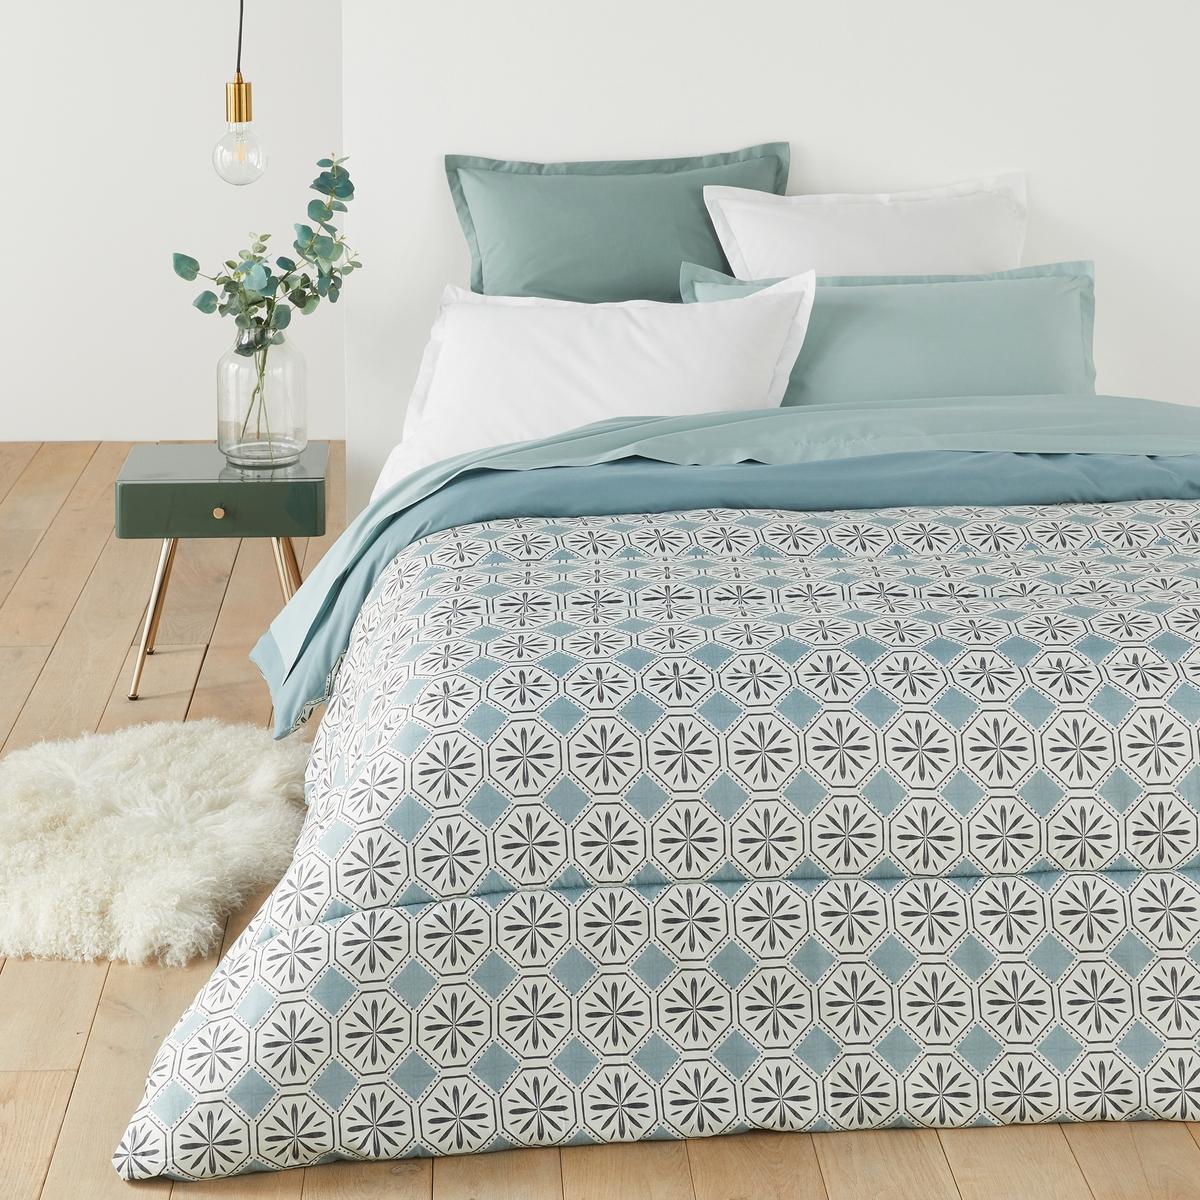 цена на Одеяло La Redoute С рисунком SALERNES 140 x 200 см синий